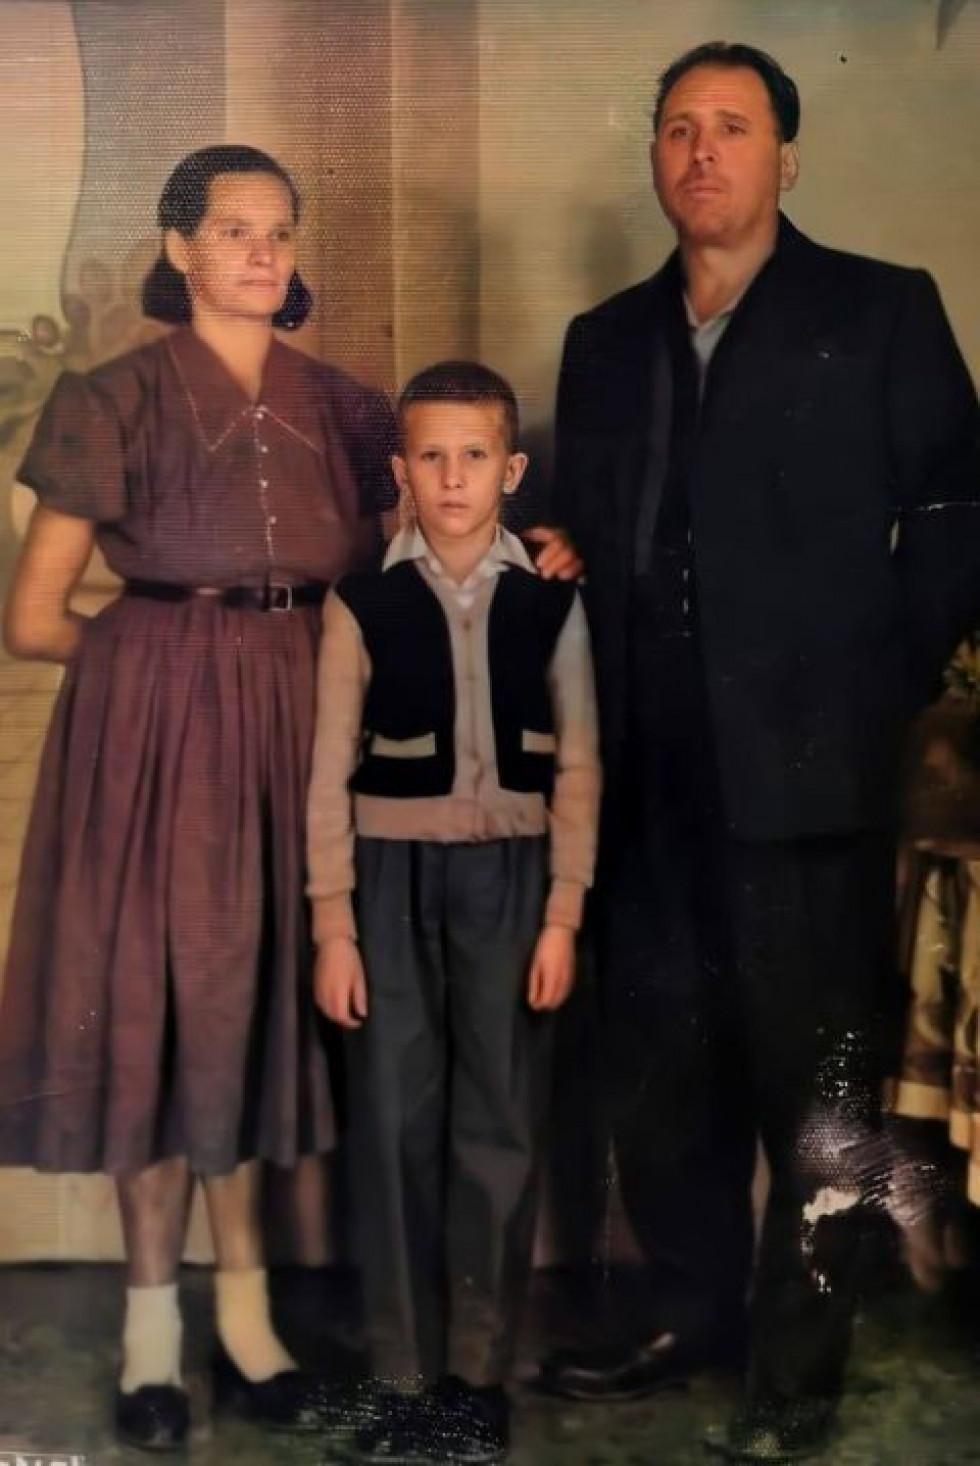 Його падідусь і бабуся та їх молодший син